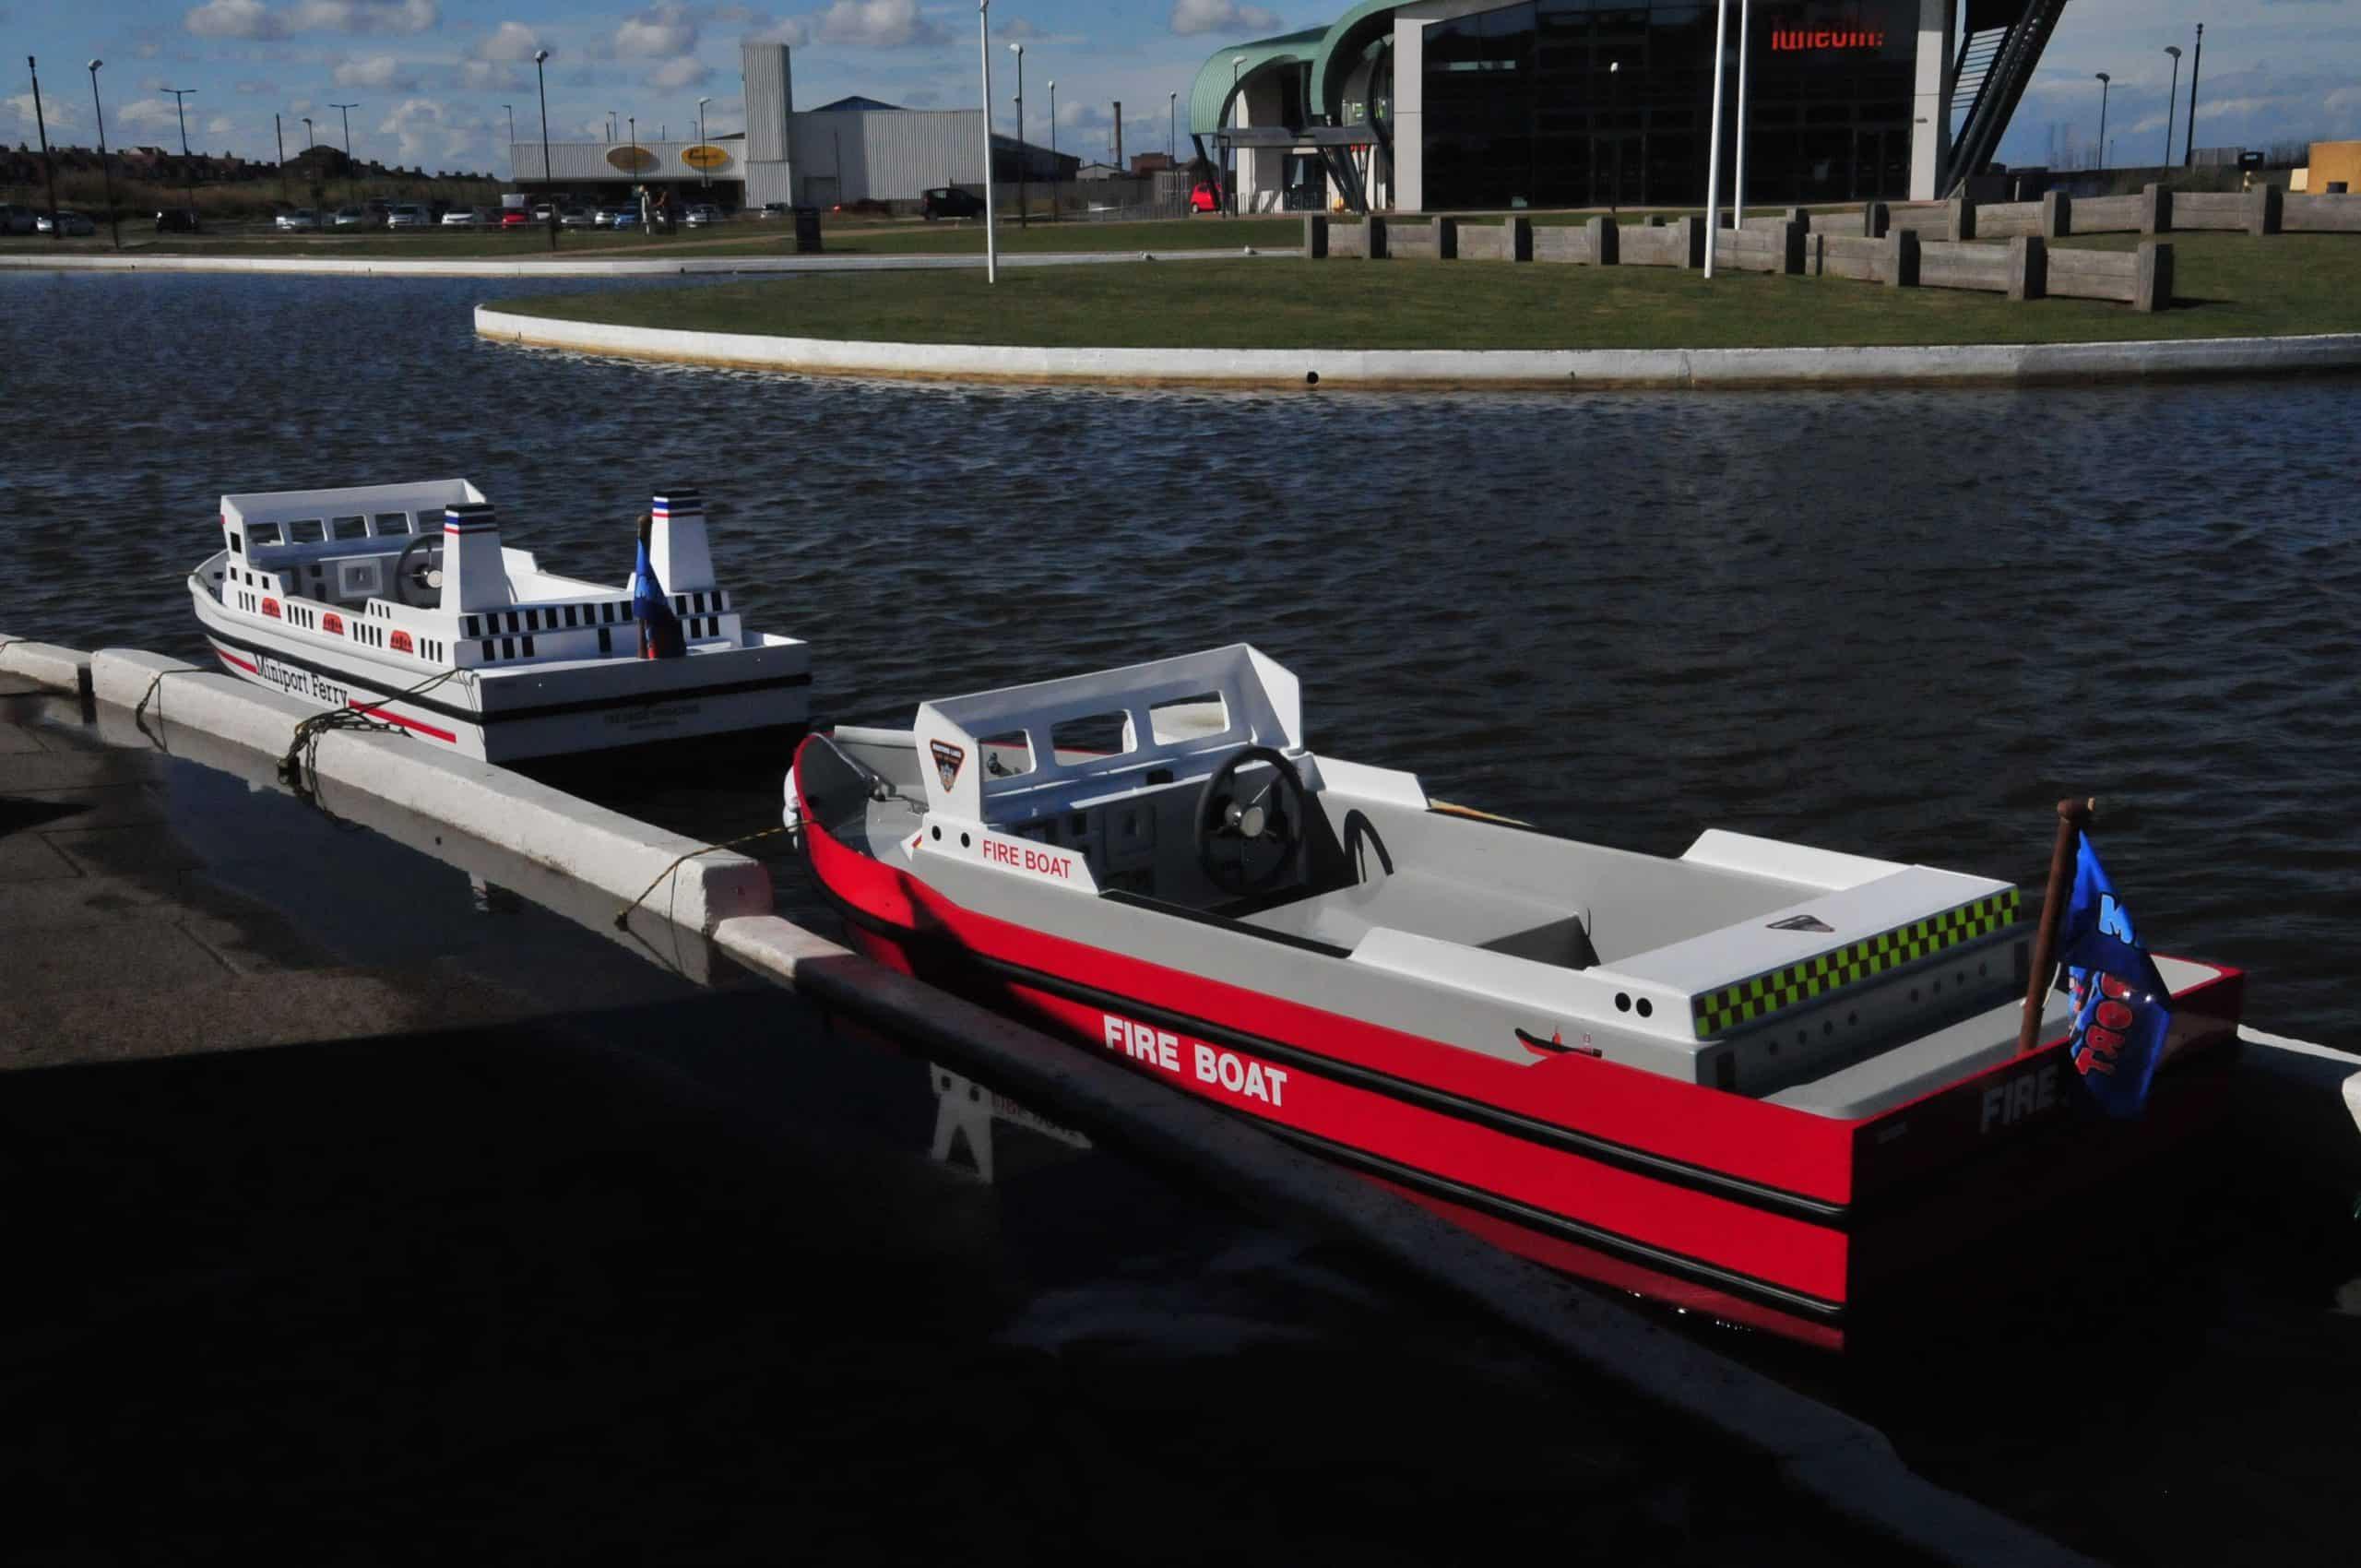 Fire Boat 044